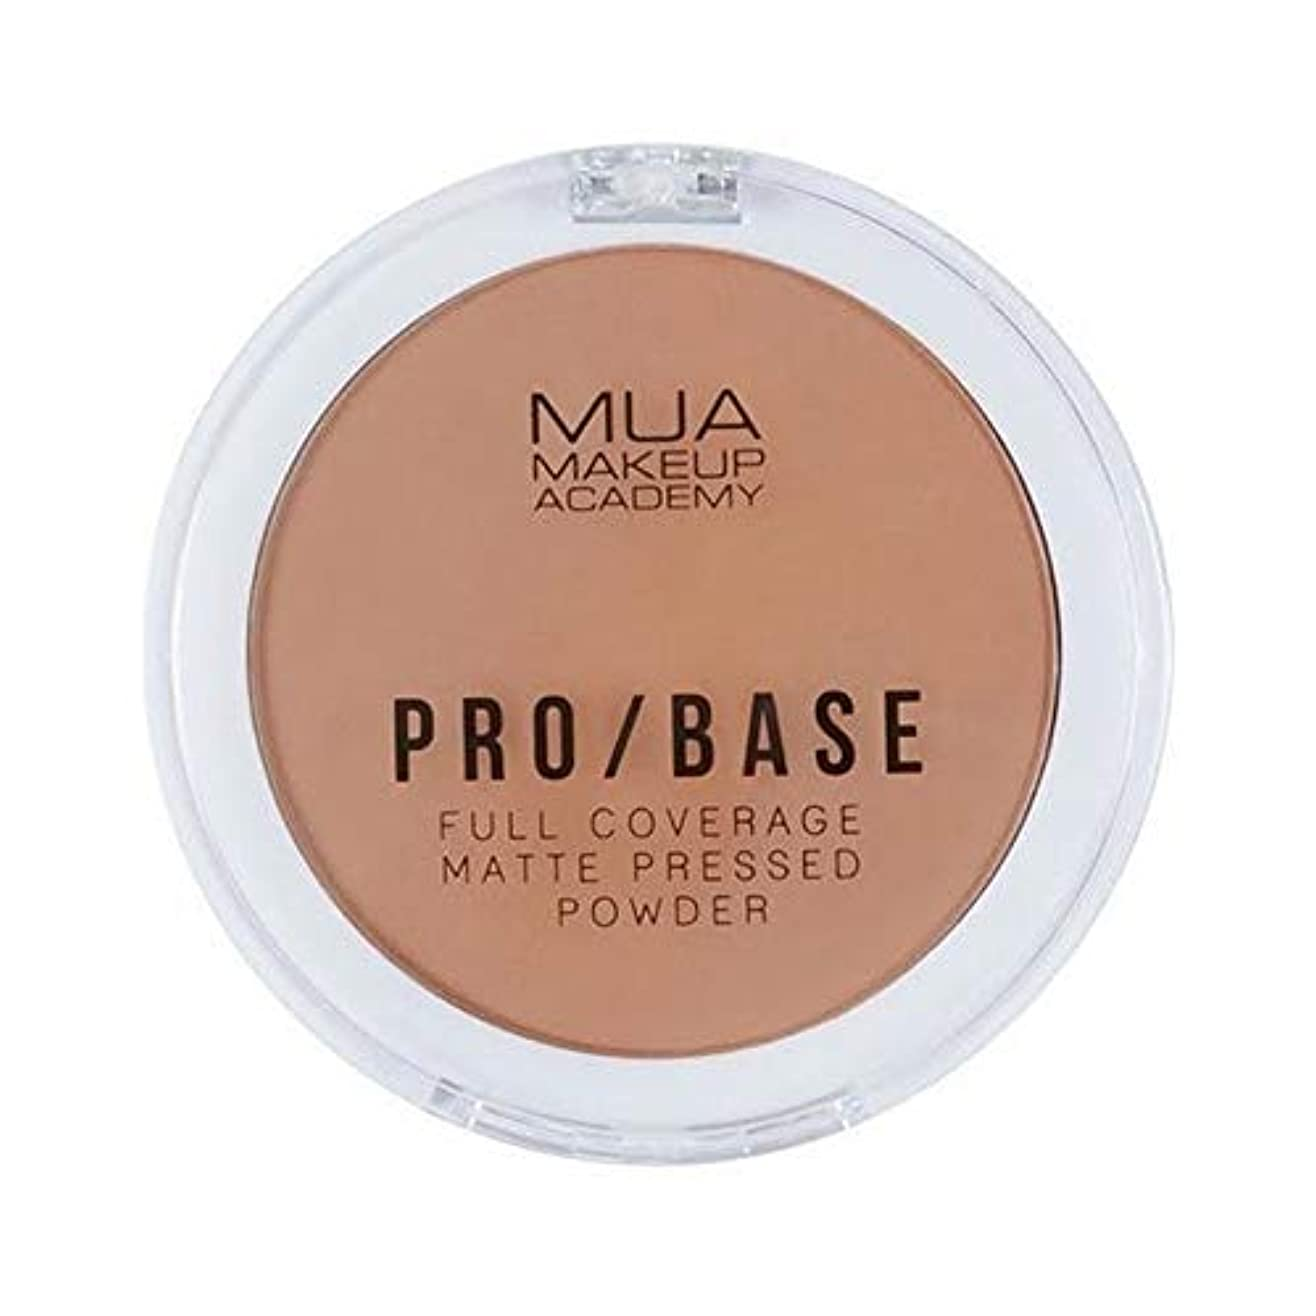 虐殺宇宙無秩序[MUA] Muaプロ/ベースのフルカバレッジマットパウダー#160 - MUA Pro/Base Full Coverage Matte Powder #160 [並行輸入品]